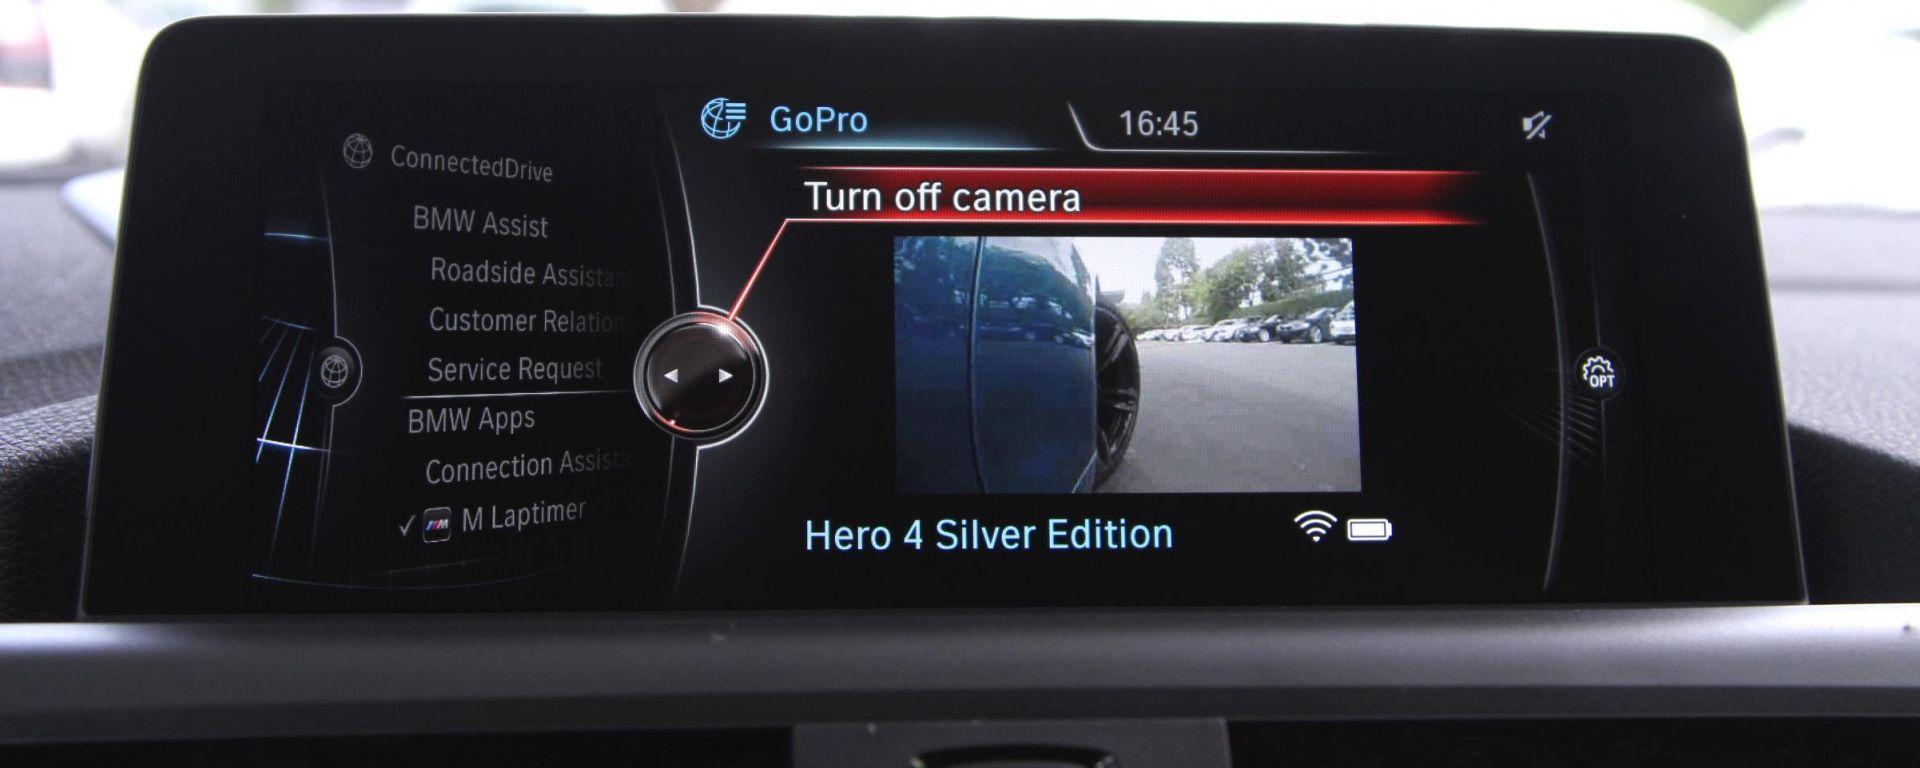 Bmw aggiorna la sua app per farti usare meglio la GoPro nei track day